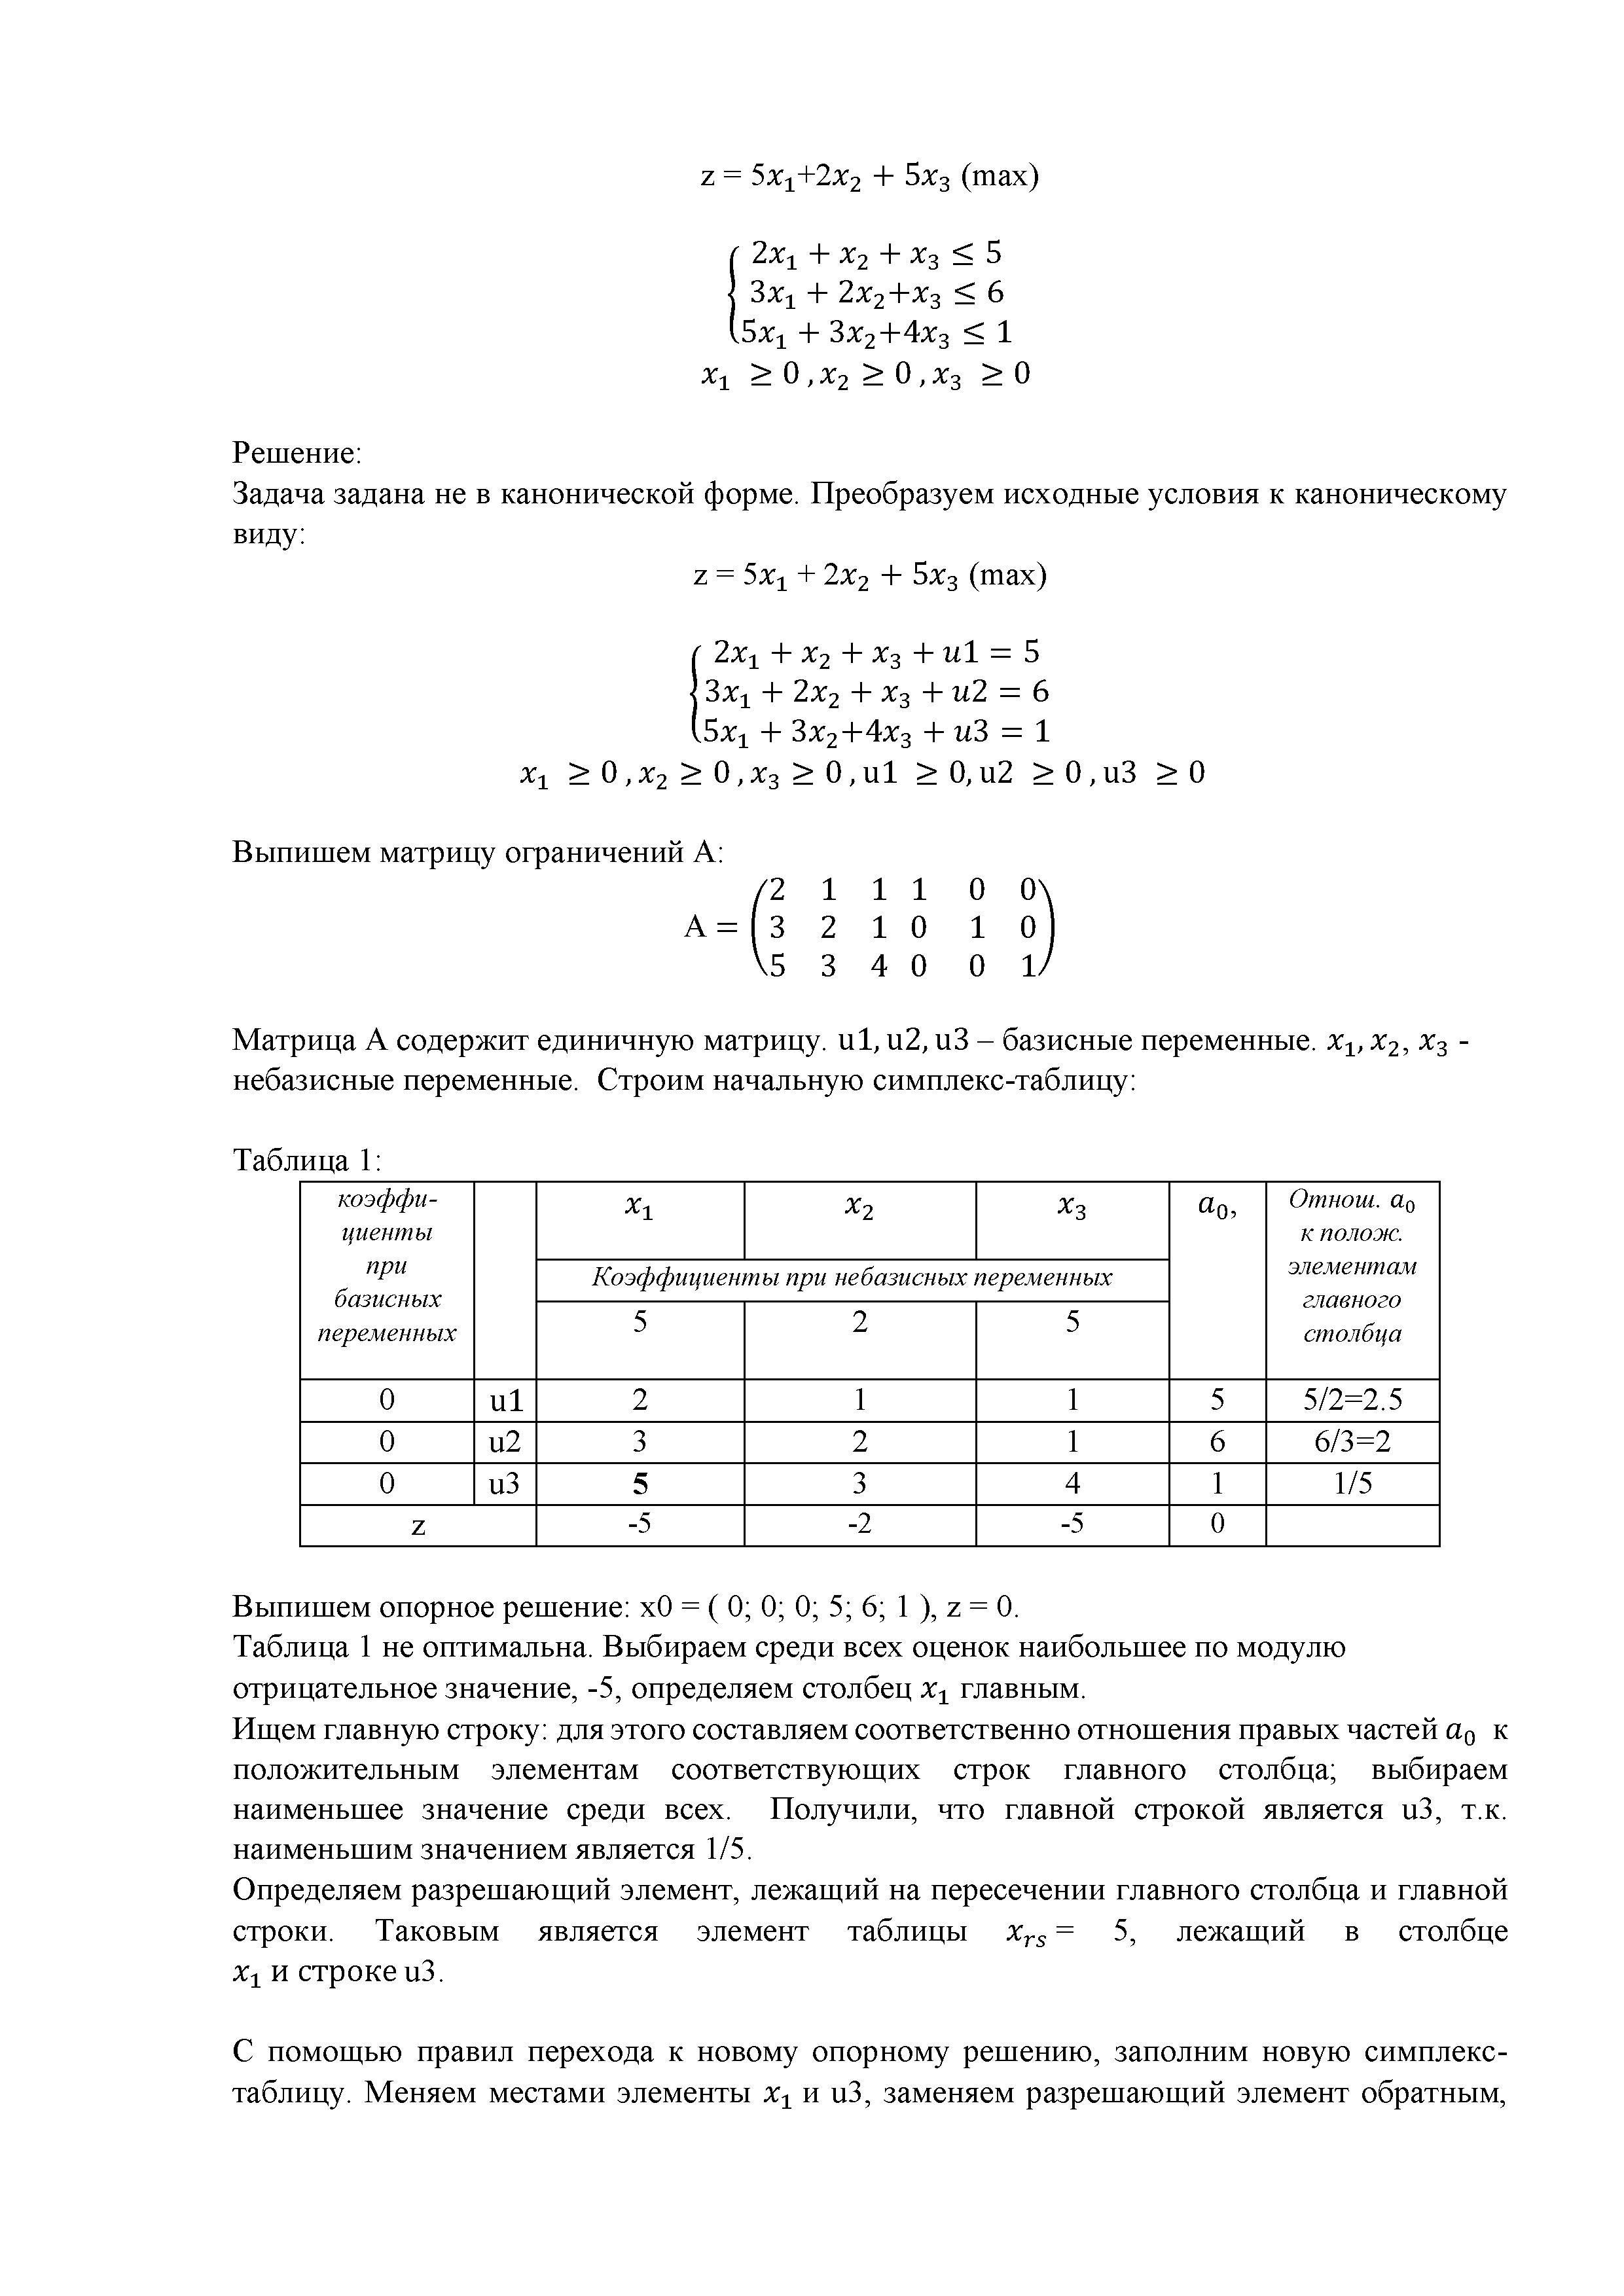 решение симплекс-методом задачи линейного программирования